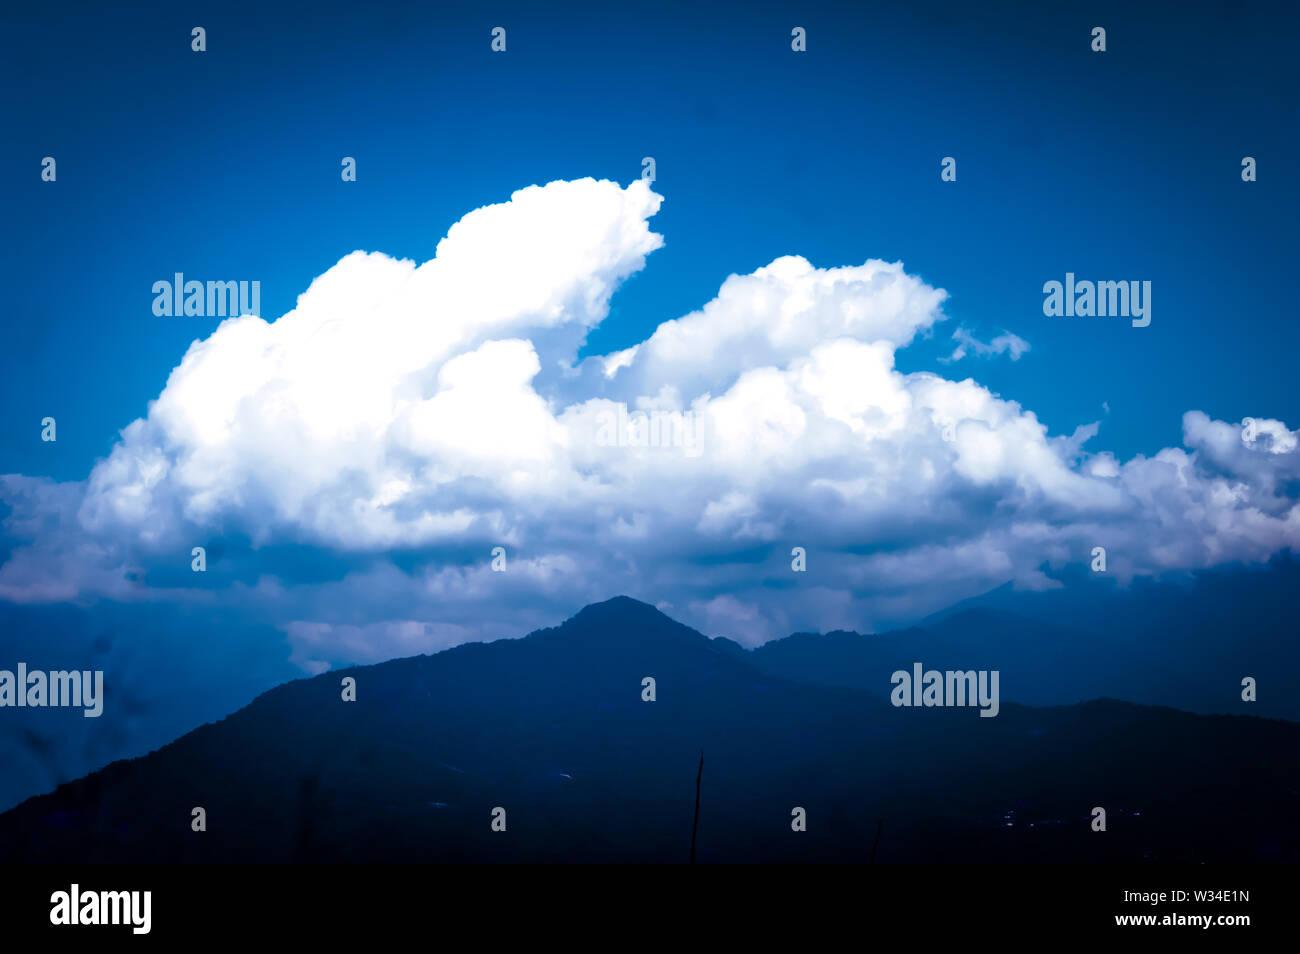 Fotografía de fondo de Nublado nublado mañana a las montañas del Himalaya. Paisaje de ensueño. Clima esponjosas. La belleza de la naturaleza salvaje indio de Asia oriental. Magnifi Foto de stock